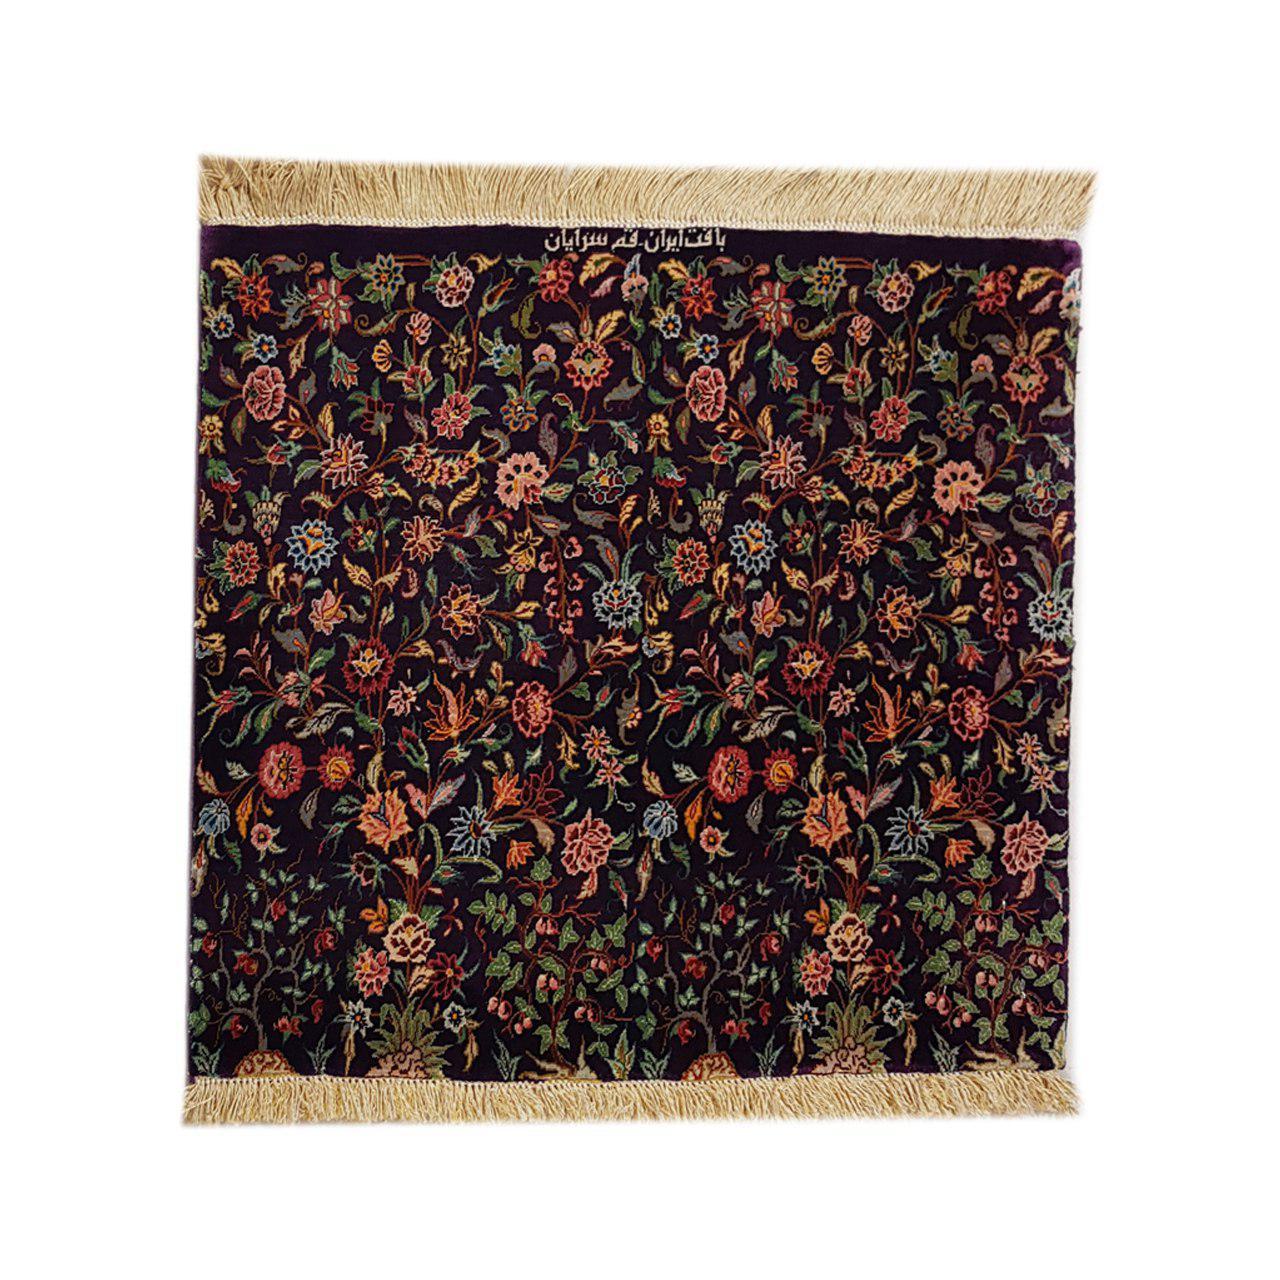 فرش دستبافت سراییان نیم متری کد 1105575